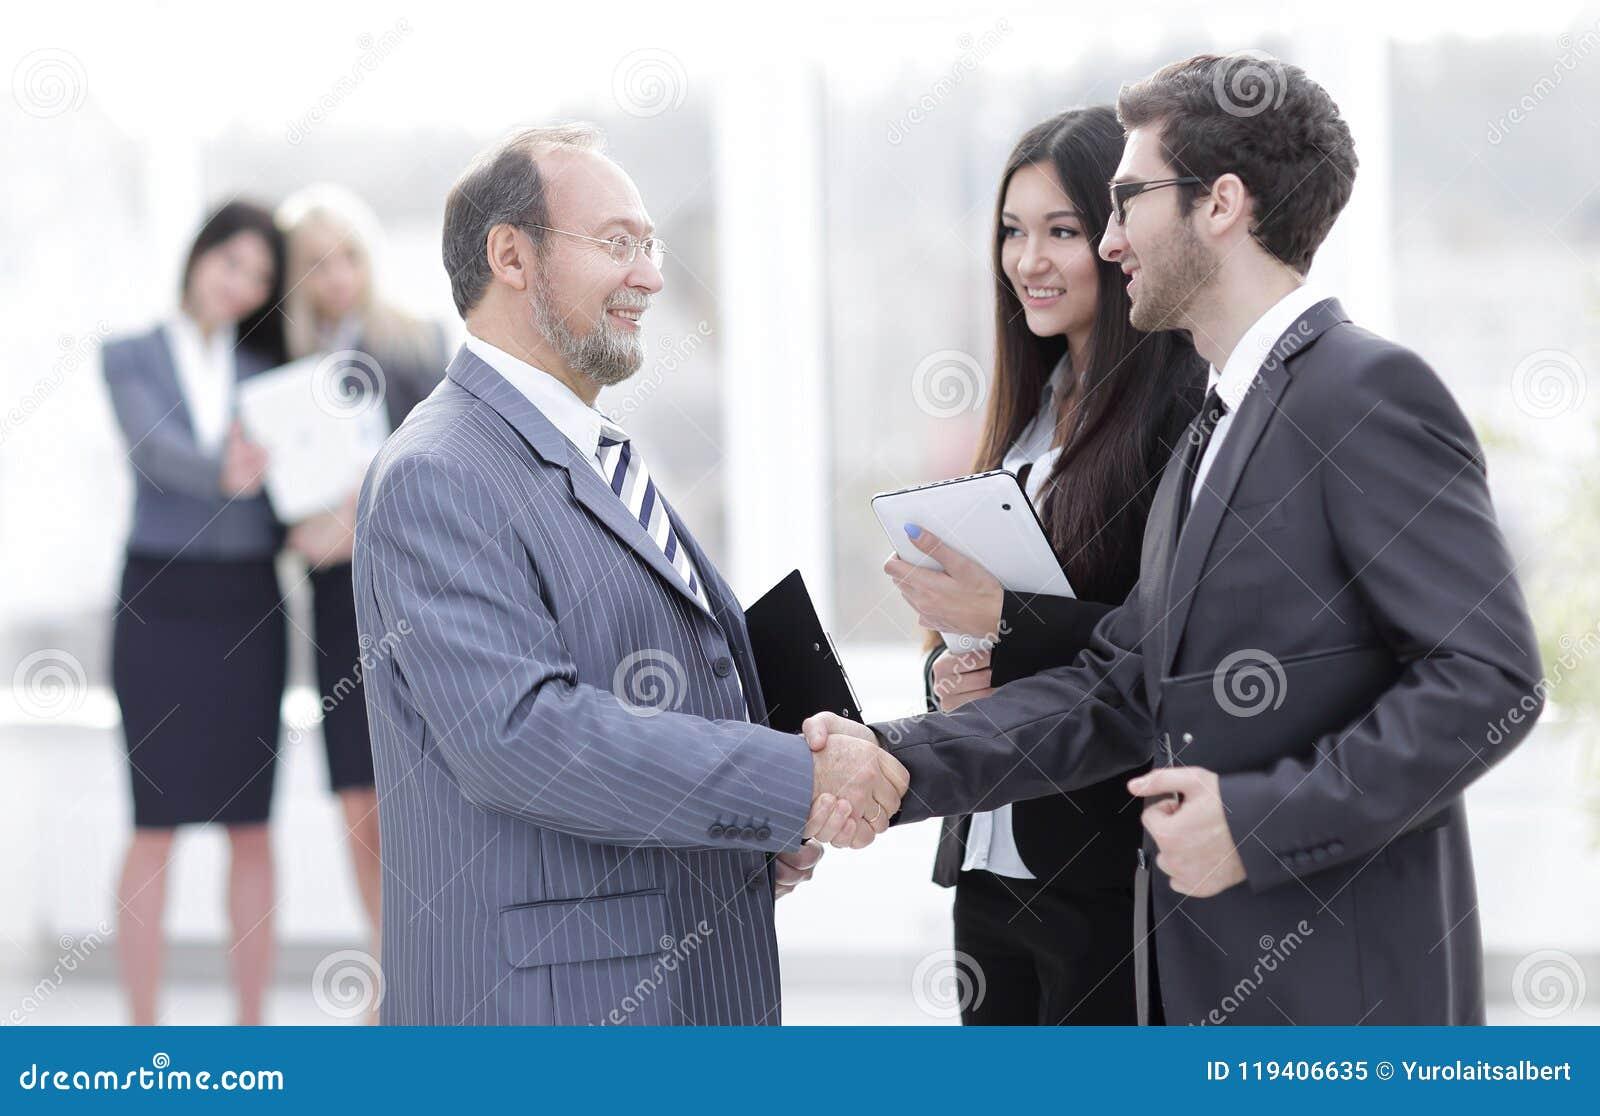 Powitanie i uścisk dłoni ludzie biznesu w biurze